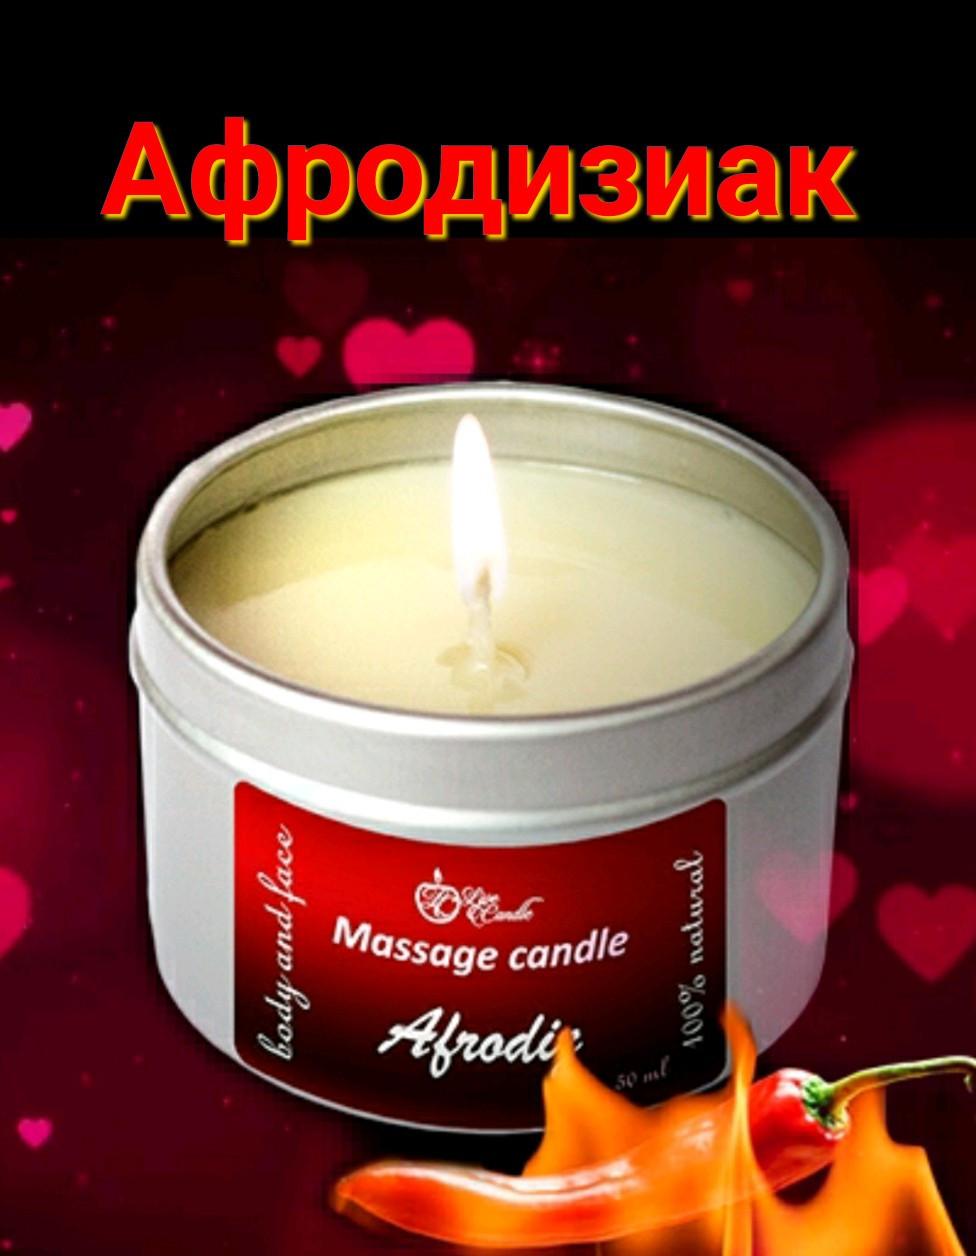 Масажна свічка Live Candle Afrodiz-Spa (Афродізіак) міні 50 мл